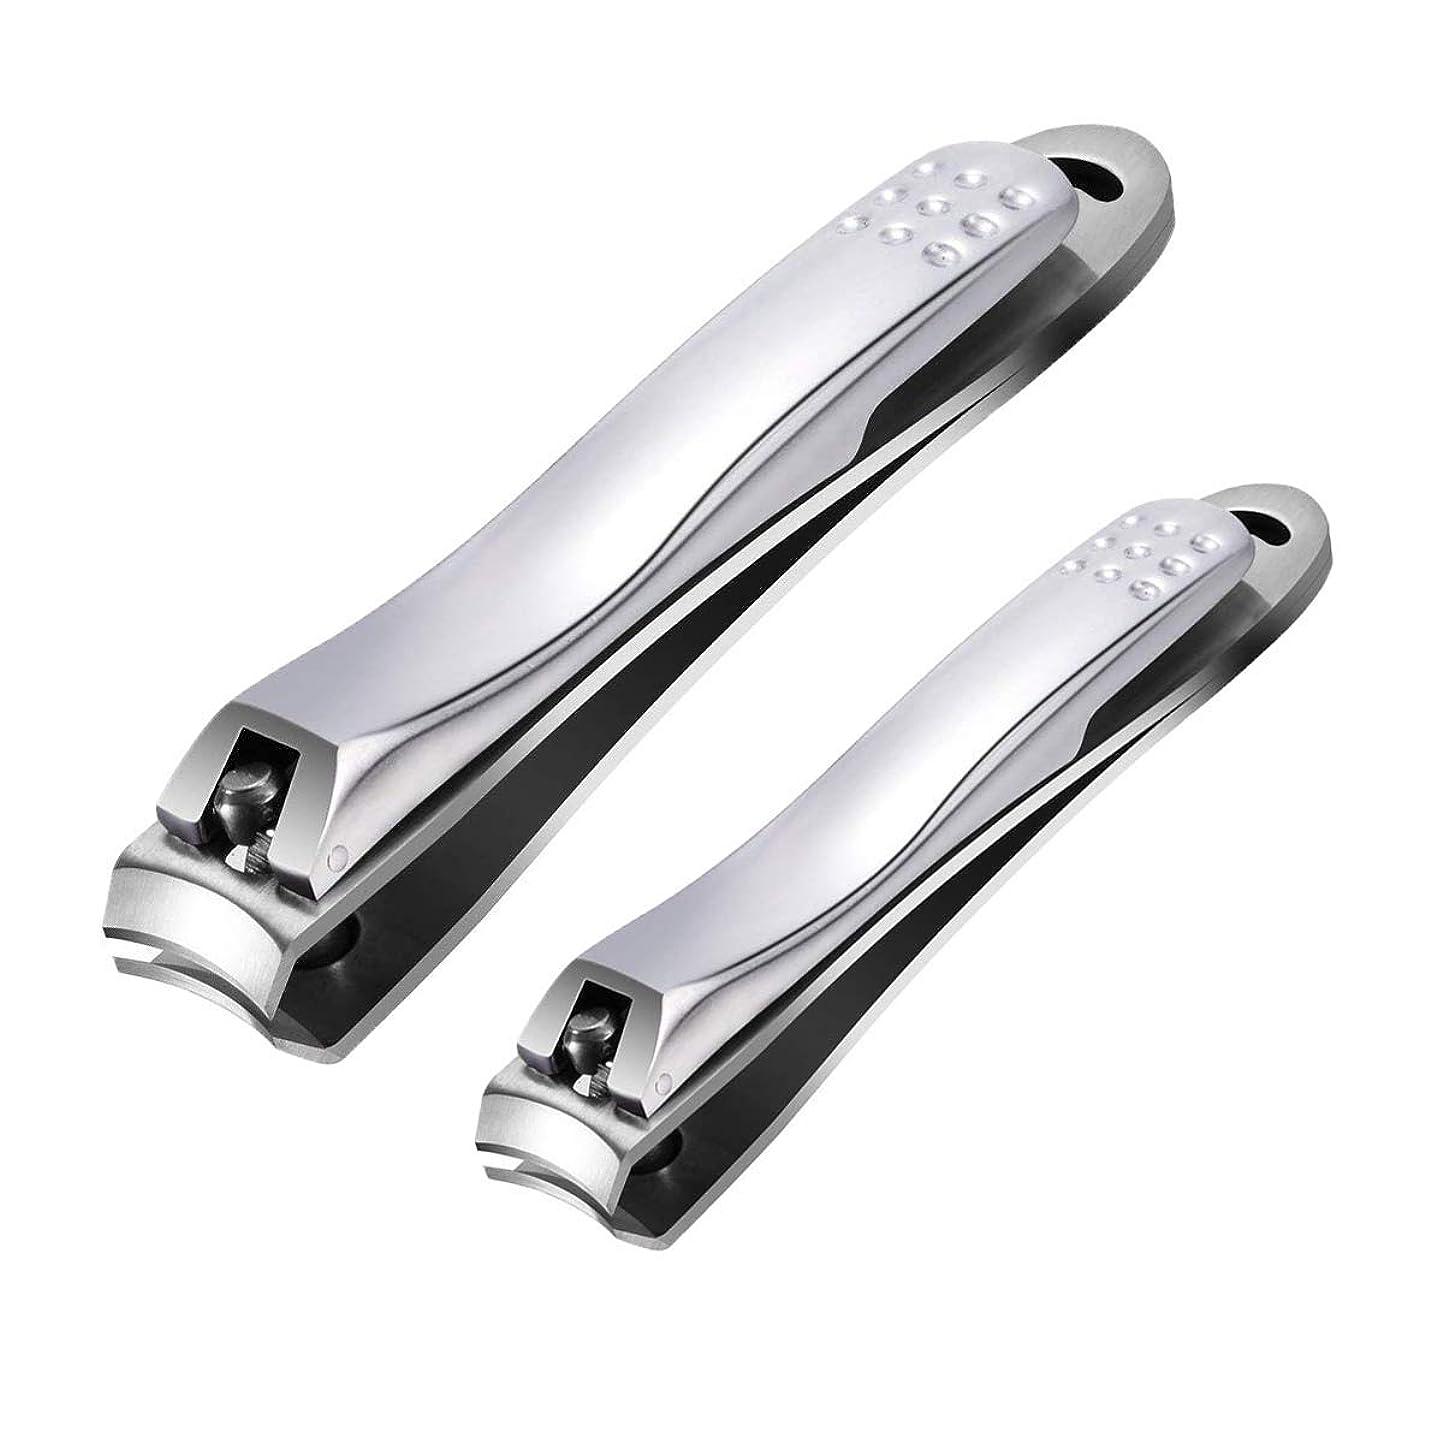 電気技師四革新つめきり ステンレス製高級 爪切り 爪やすり付き 手足はがね ツメキリ 握りやすい スパット切れる レザーケース付き付属 (2サイズ)